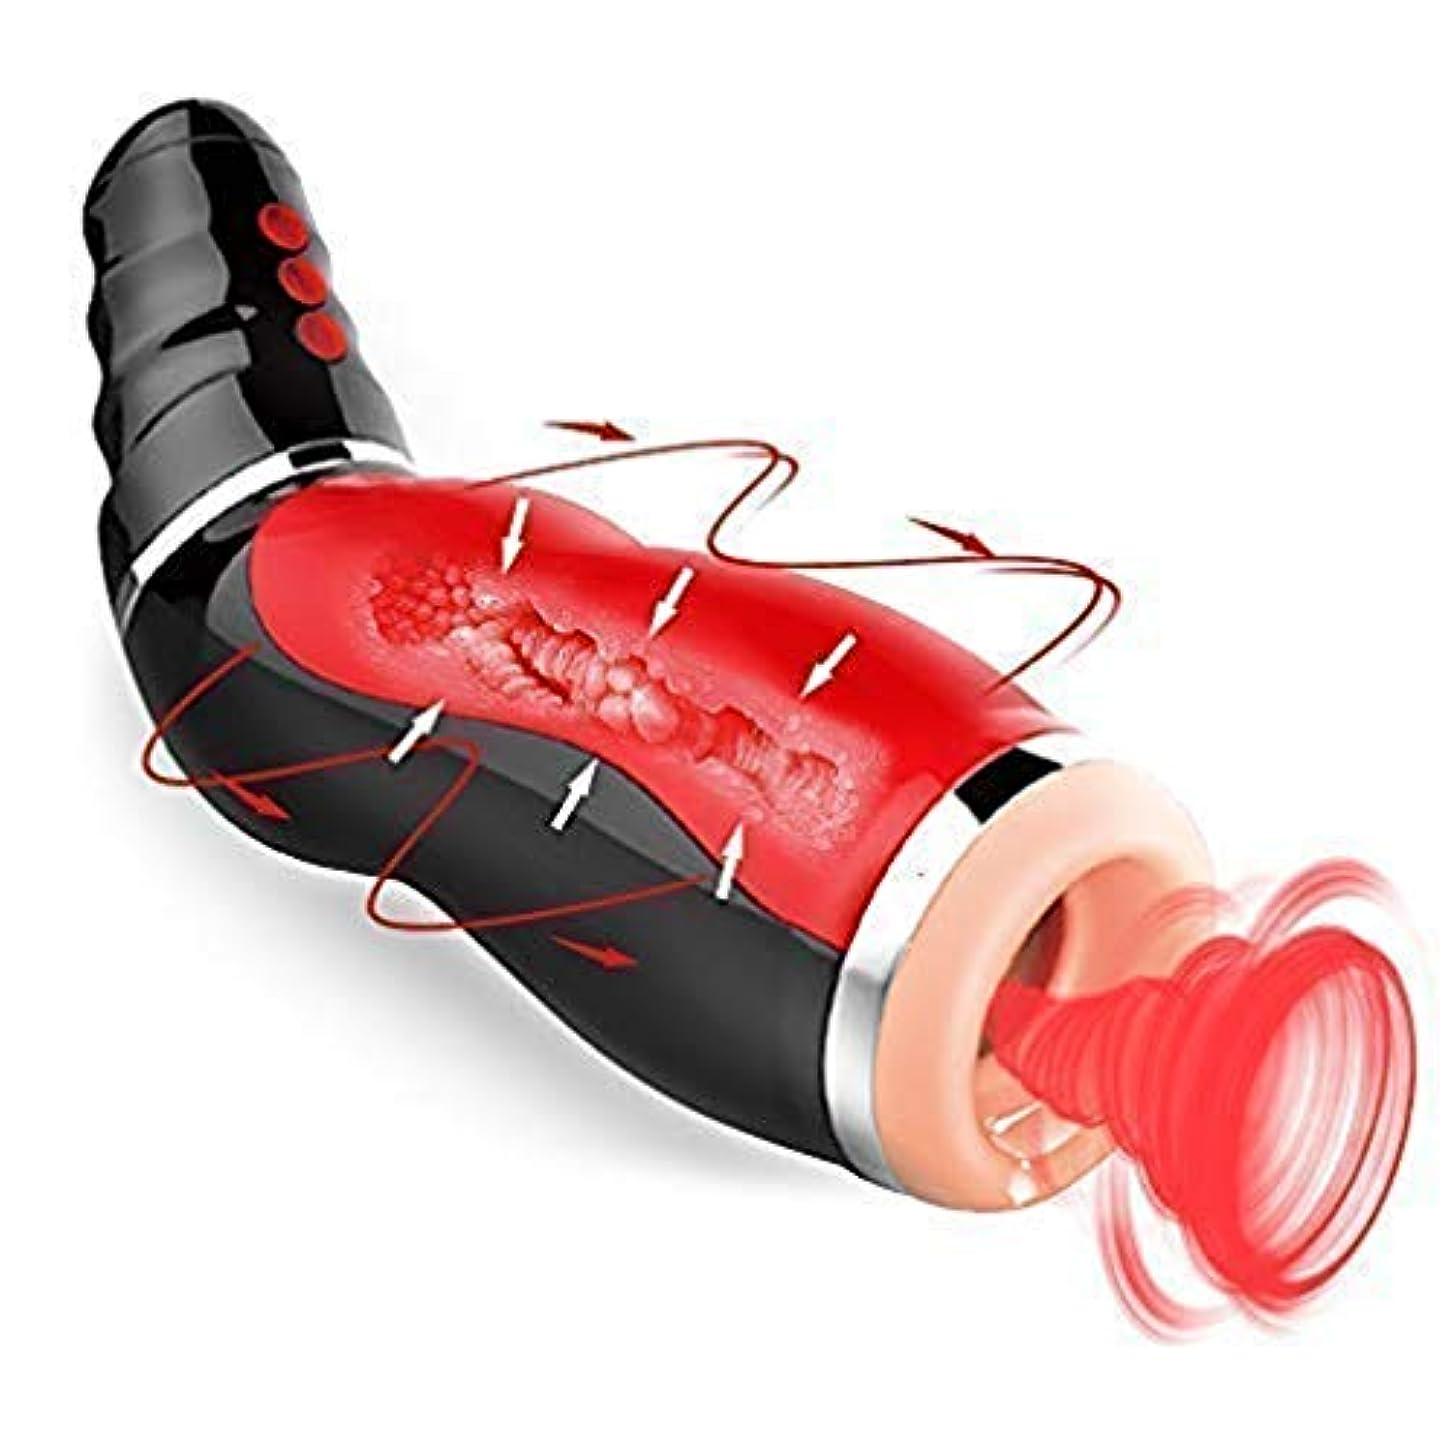 弱い改修慈善Woouu 男性リラックス180度回転ハンズフリーカップ10回転10伸縮式マスターバスカップ全自動吸盤